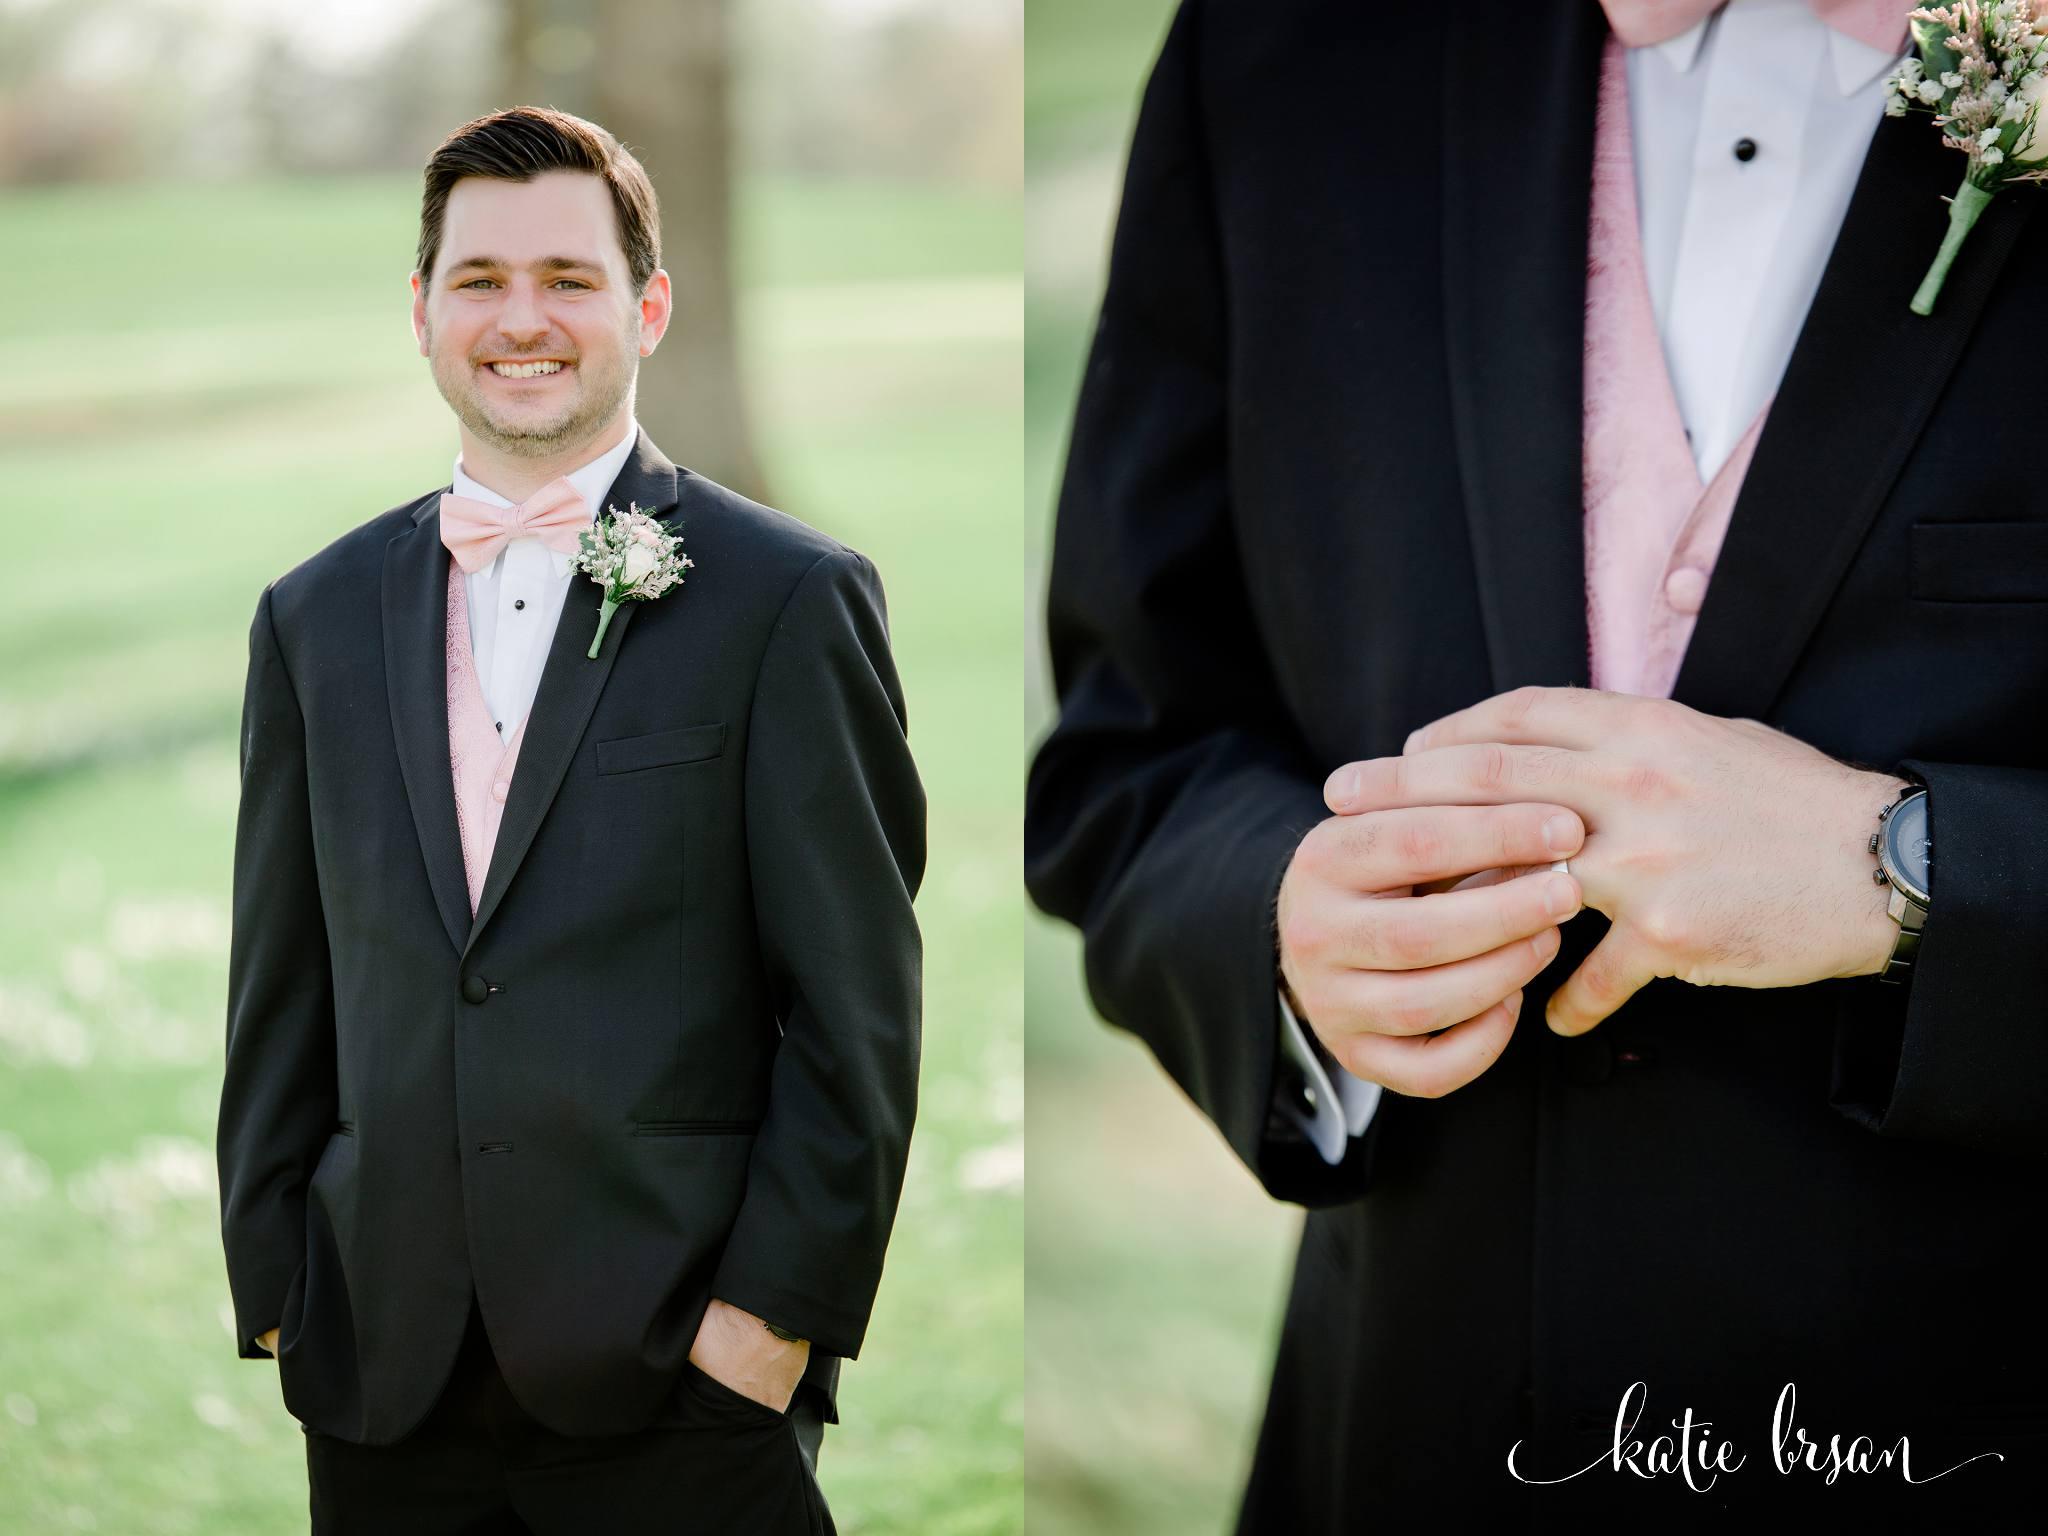 Mokena_Lemont_Wedding_Ruffled_Feathers_Wedding_1383.jpg